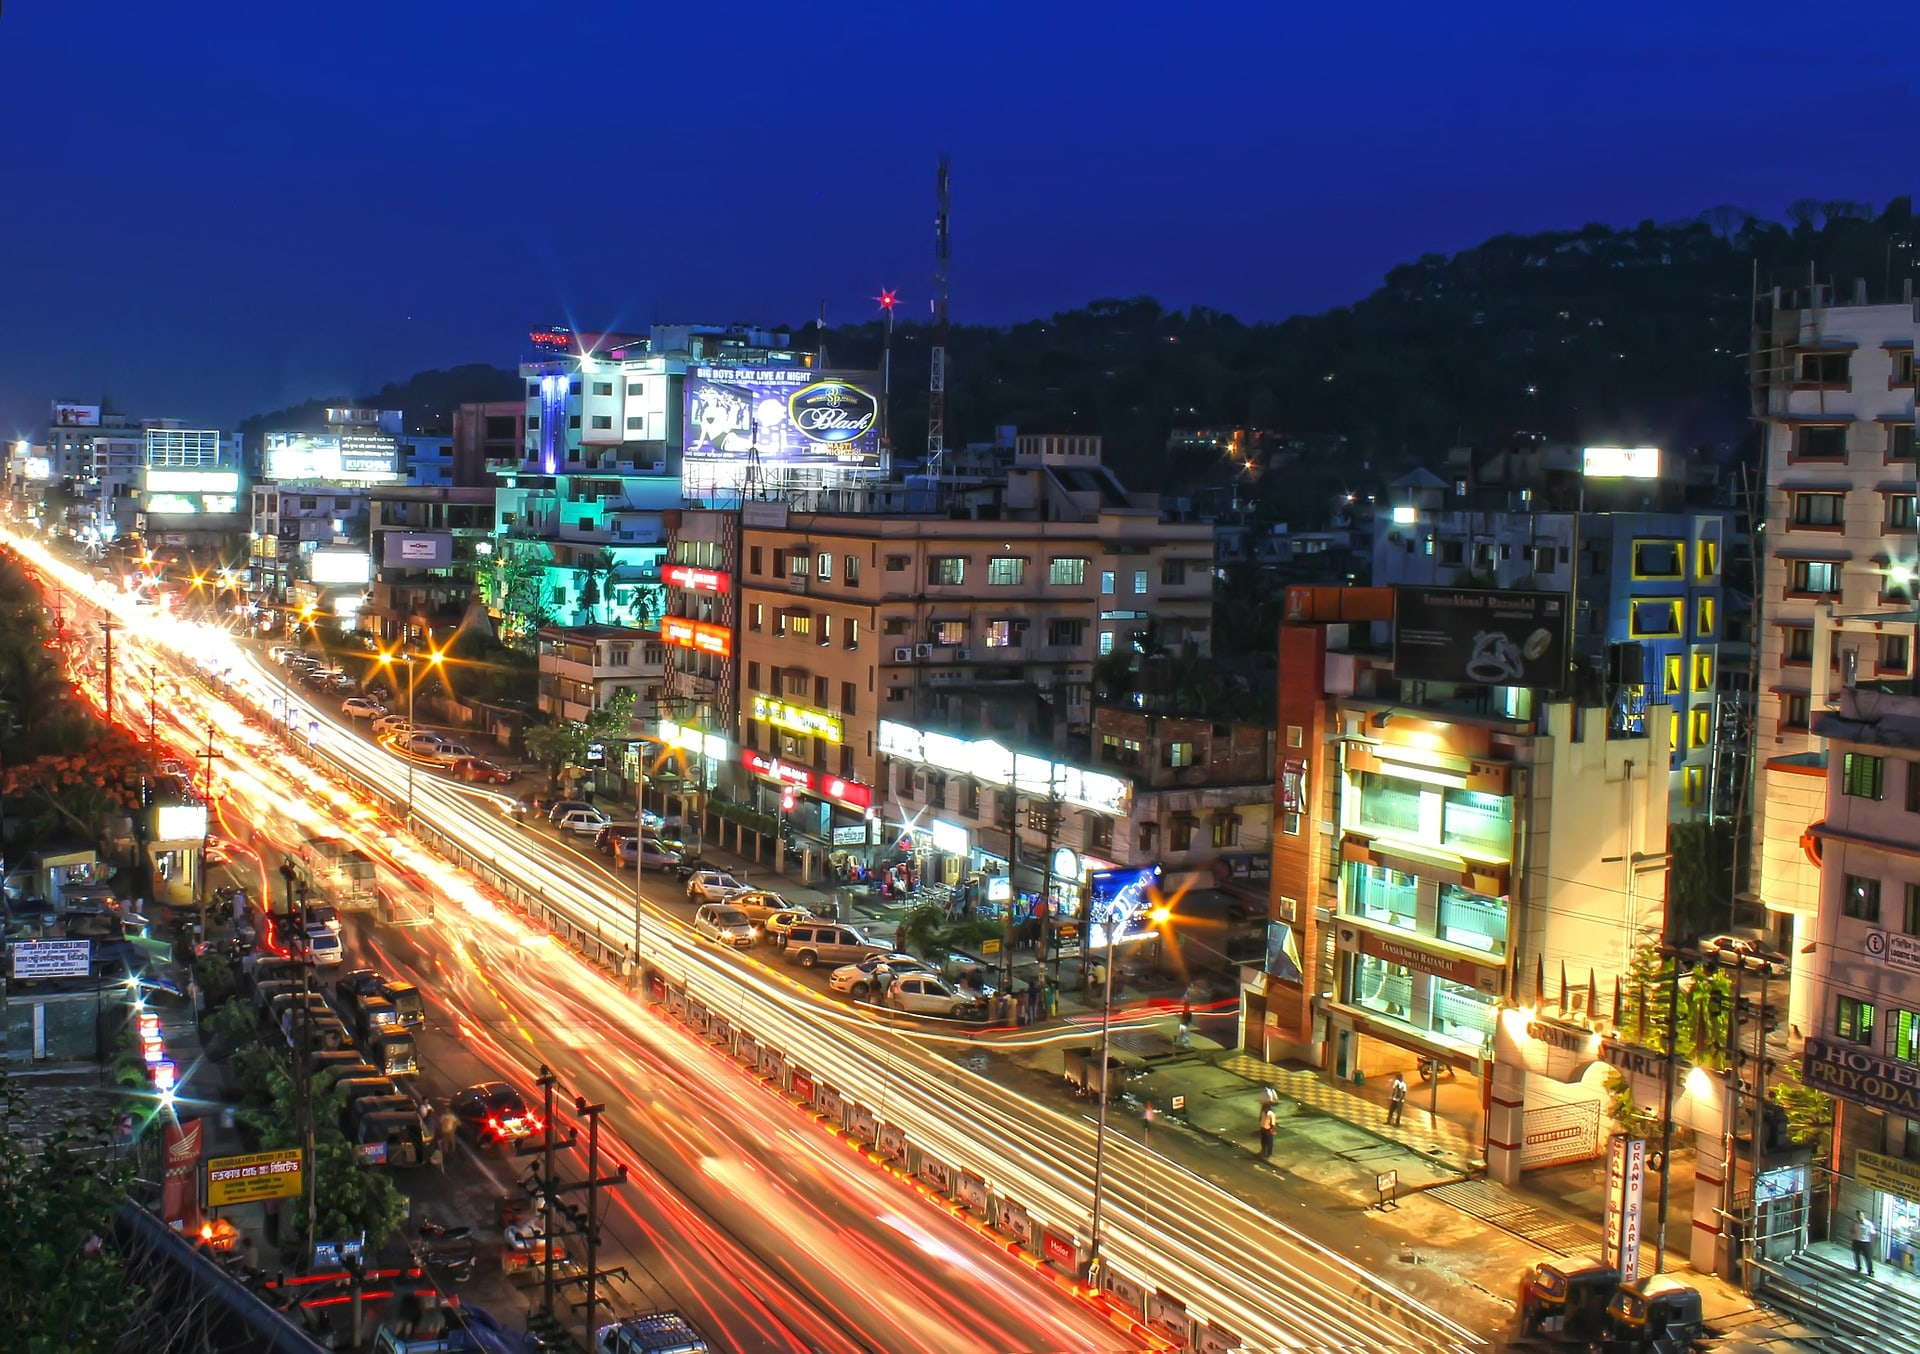 Je najhitreje rastoča država na svetu zašla s poti?